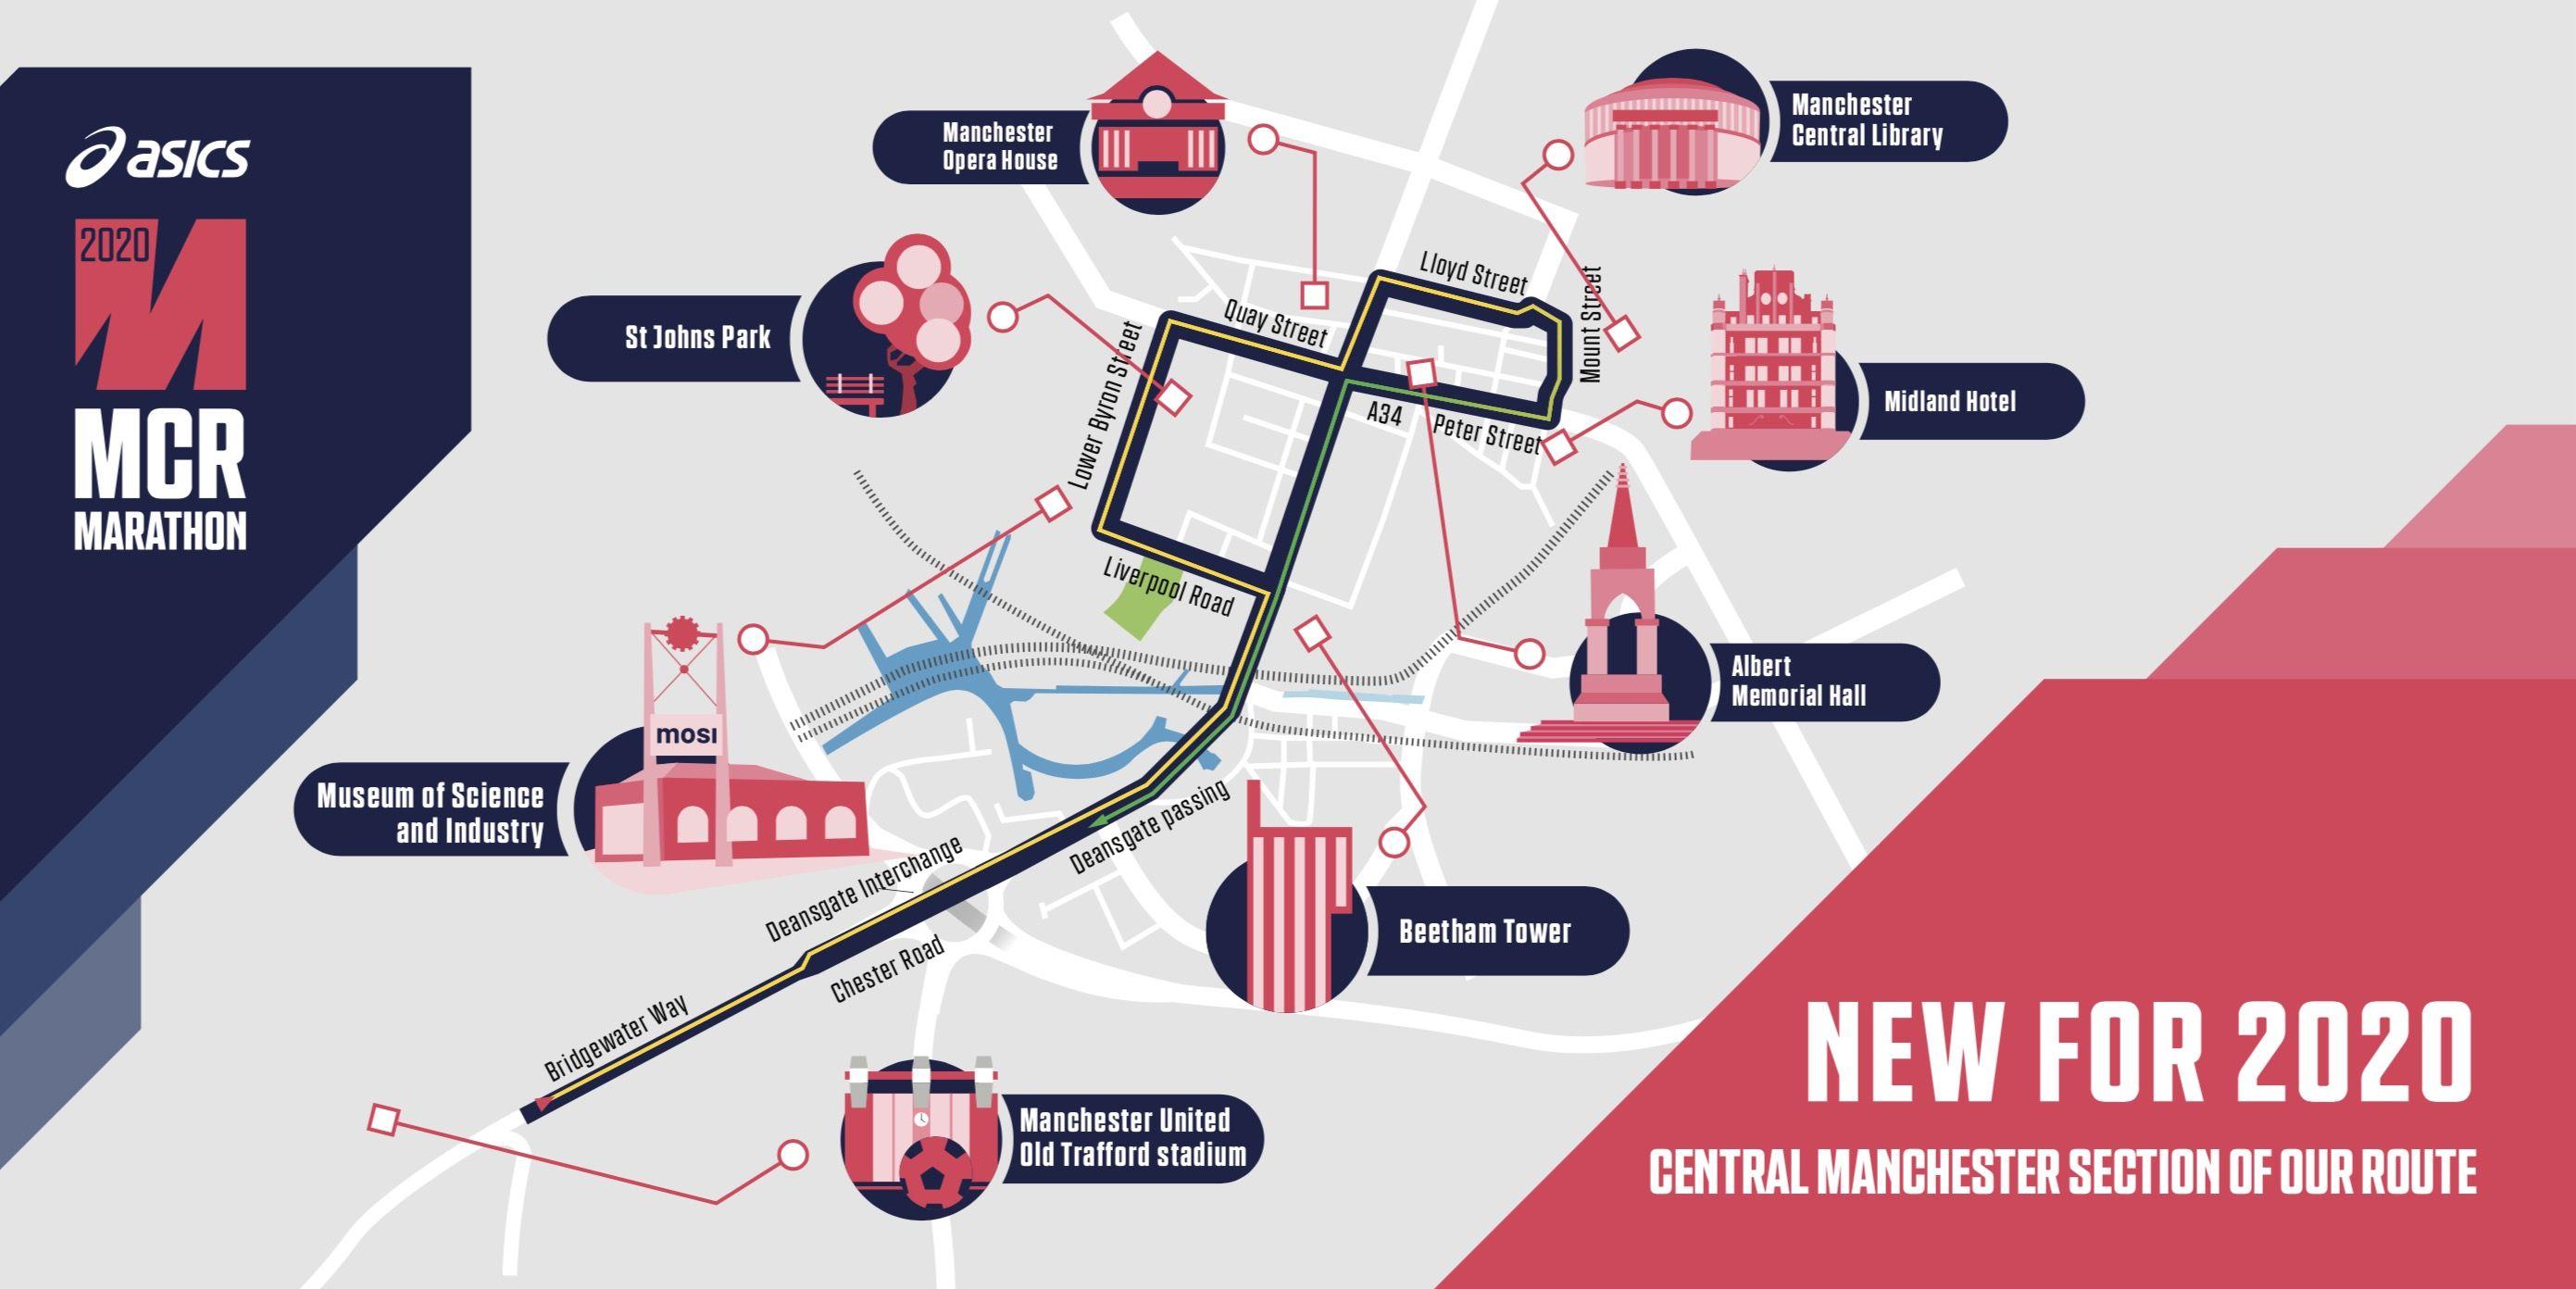 ASICS Manchester Marathon announces new route for 2020 race